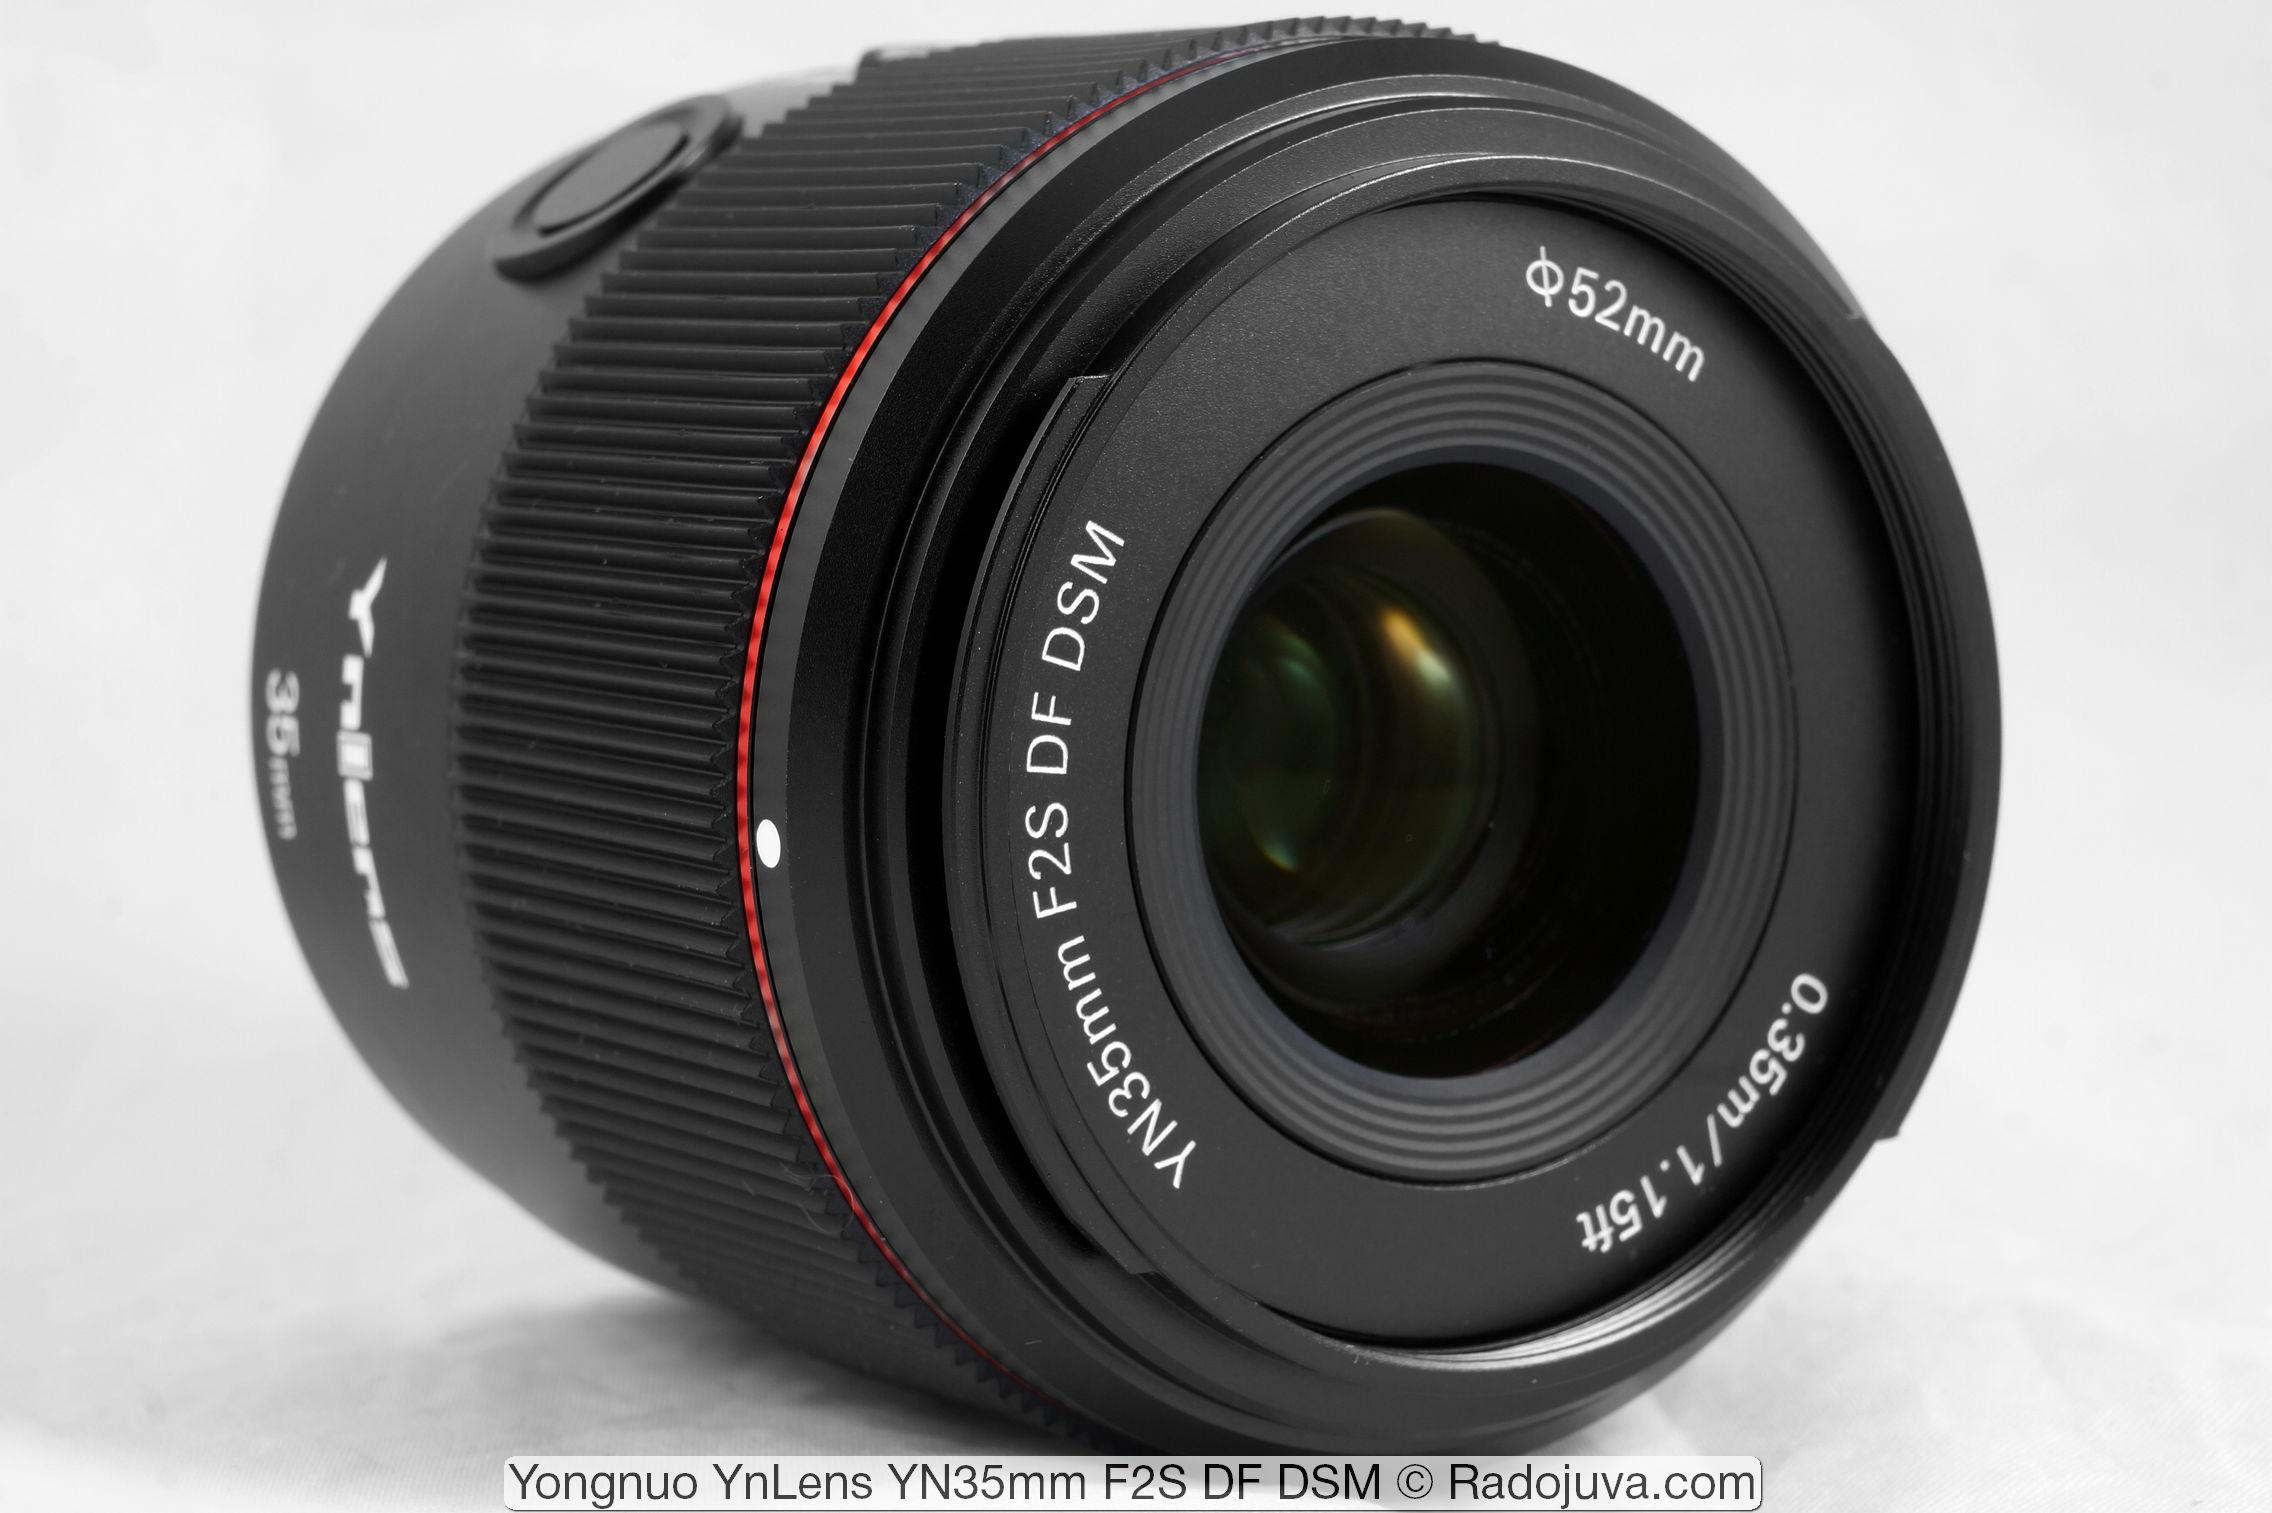 Yongnuo YnLens YN35mm F2S DF DSM